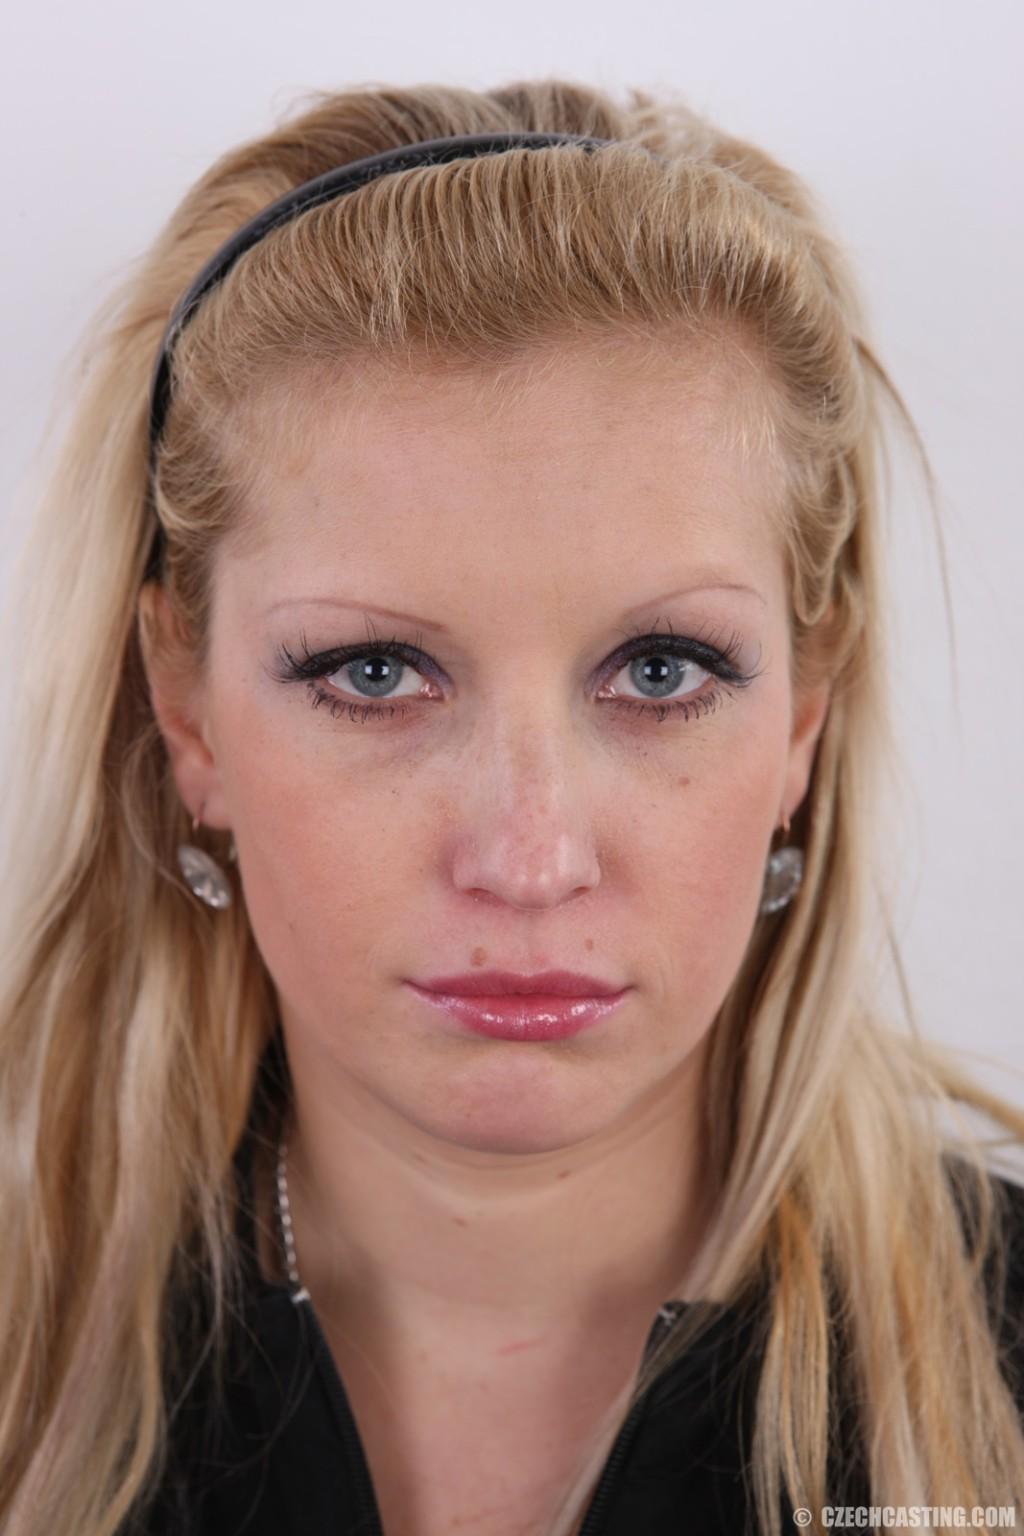 Получить роль в порно эта блонда вряд ли сможет